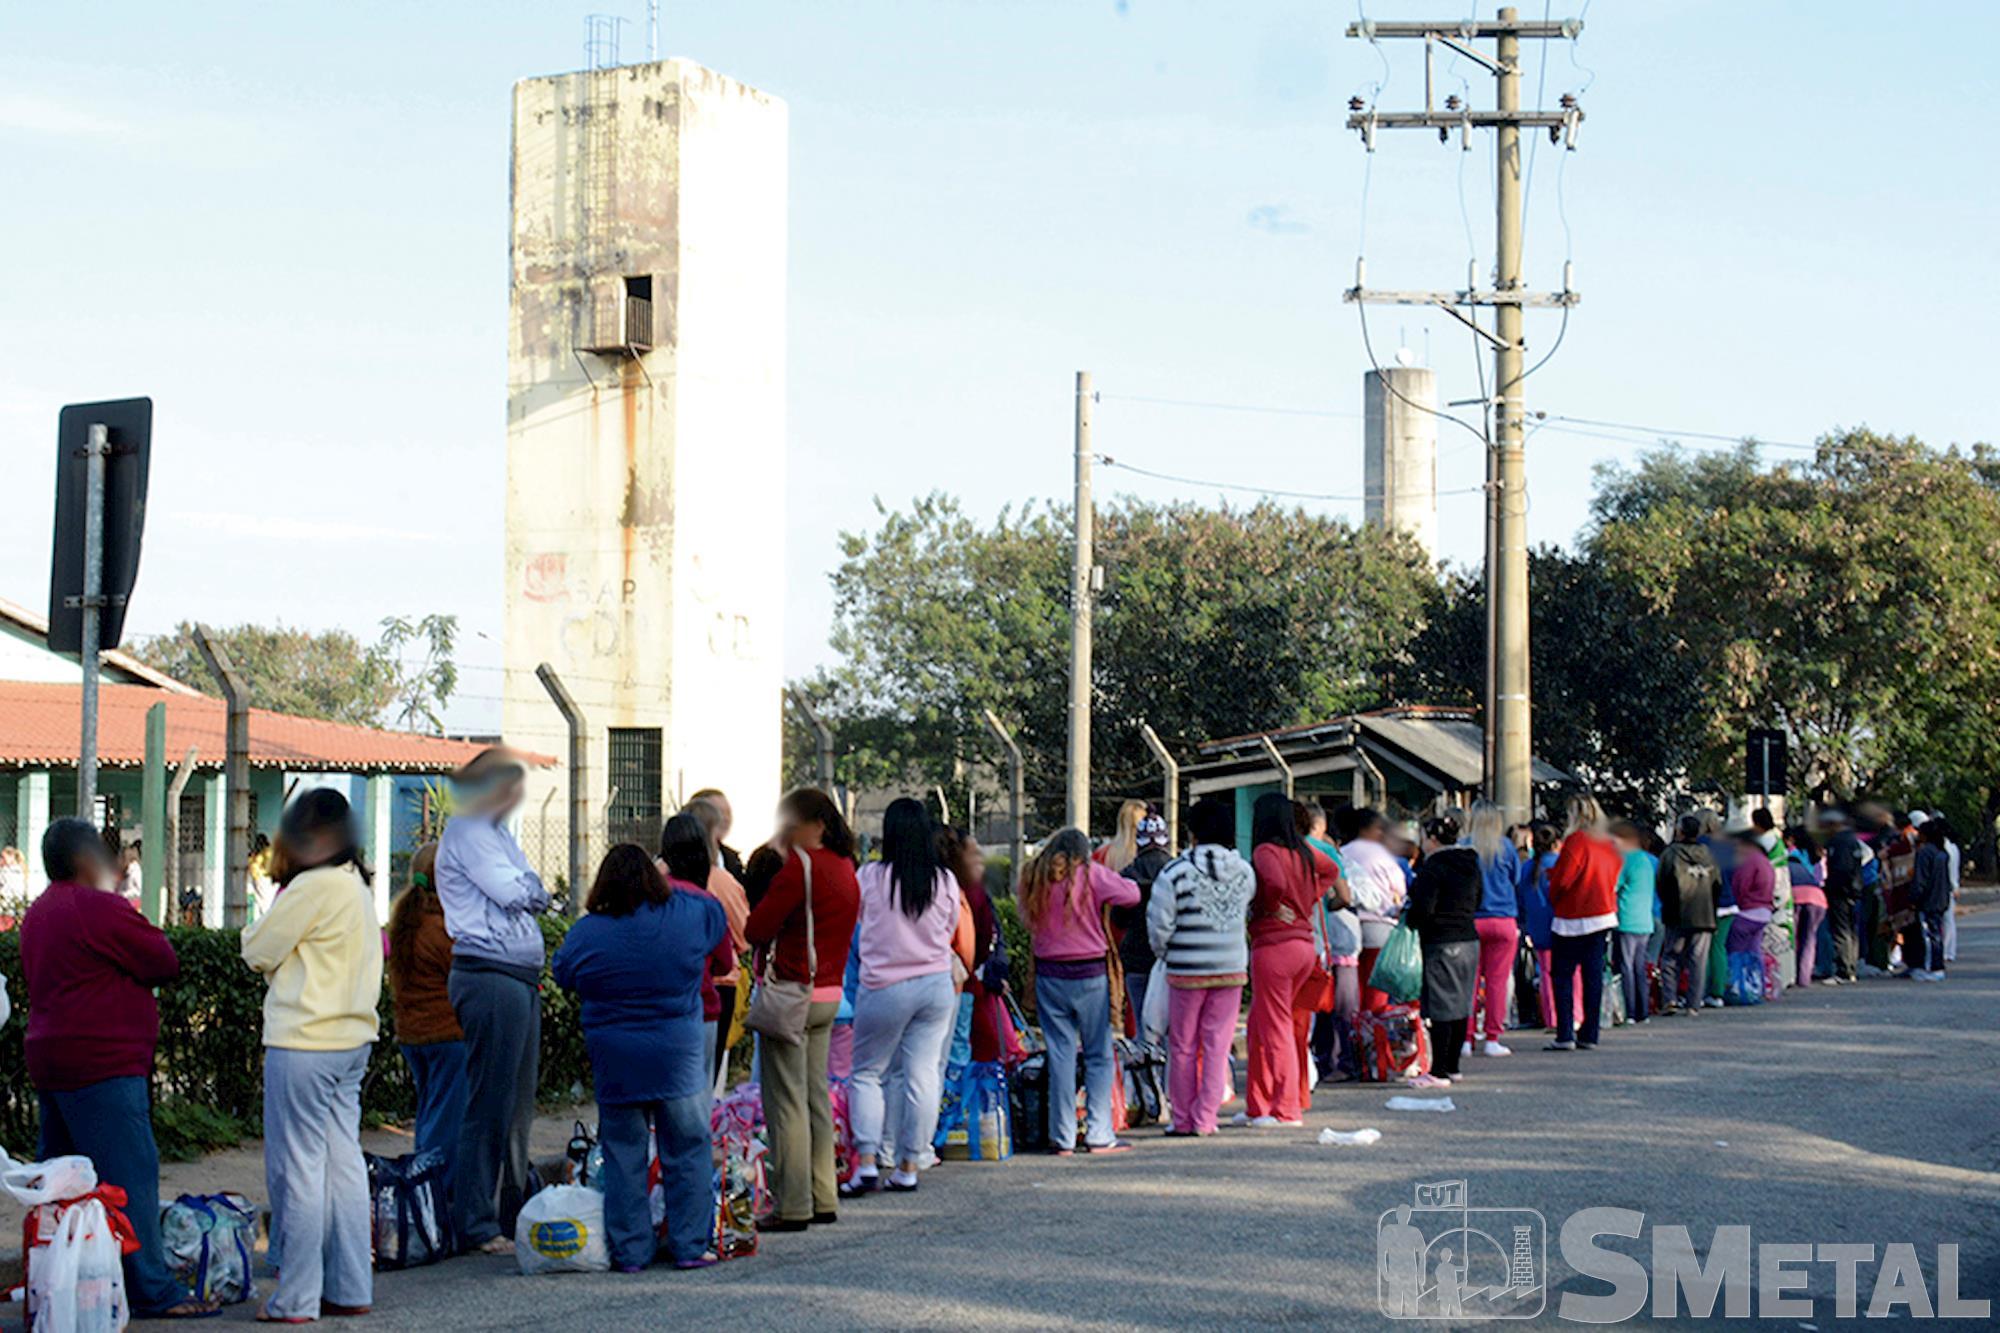 Em frente ao CDP de Aparecidinha,  a fila para visita costuma ser quilométrica,  sob sol ou sob chuva, Sistema prisional: um drama de toda a sociedade